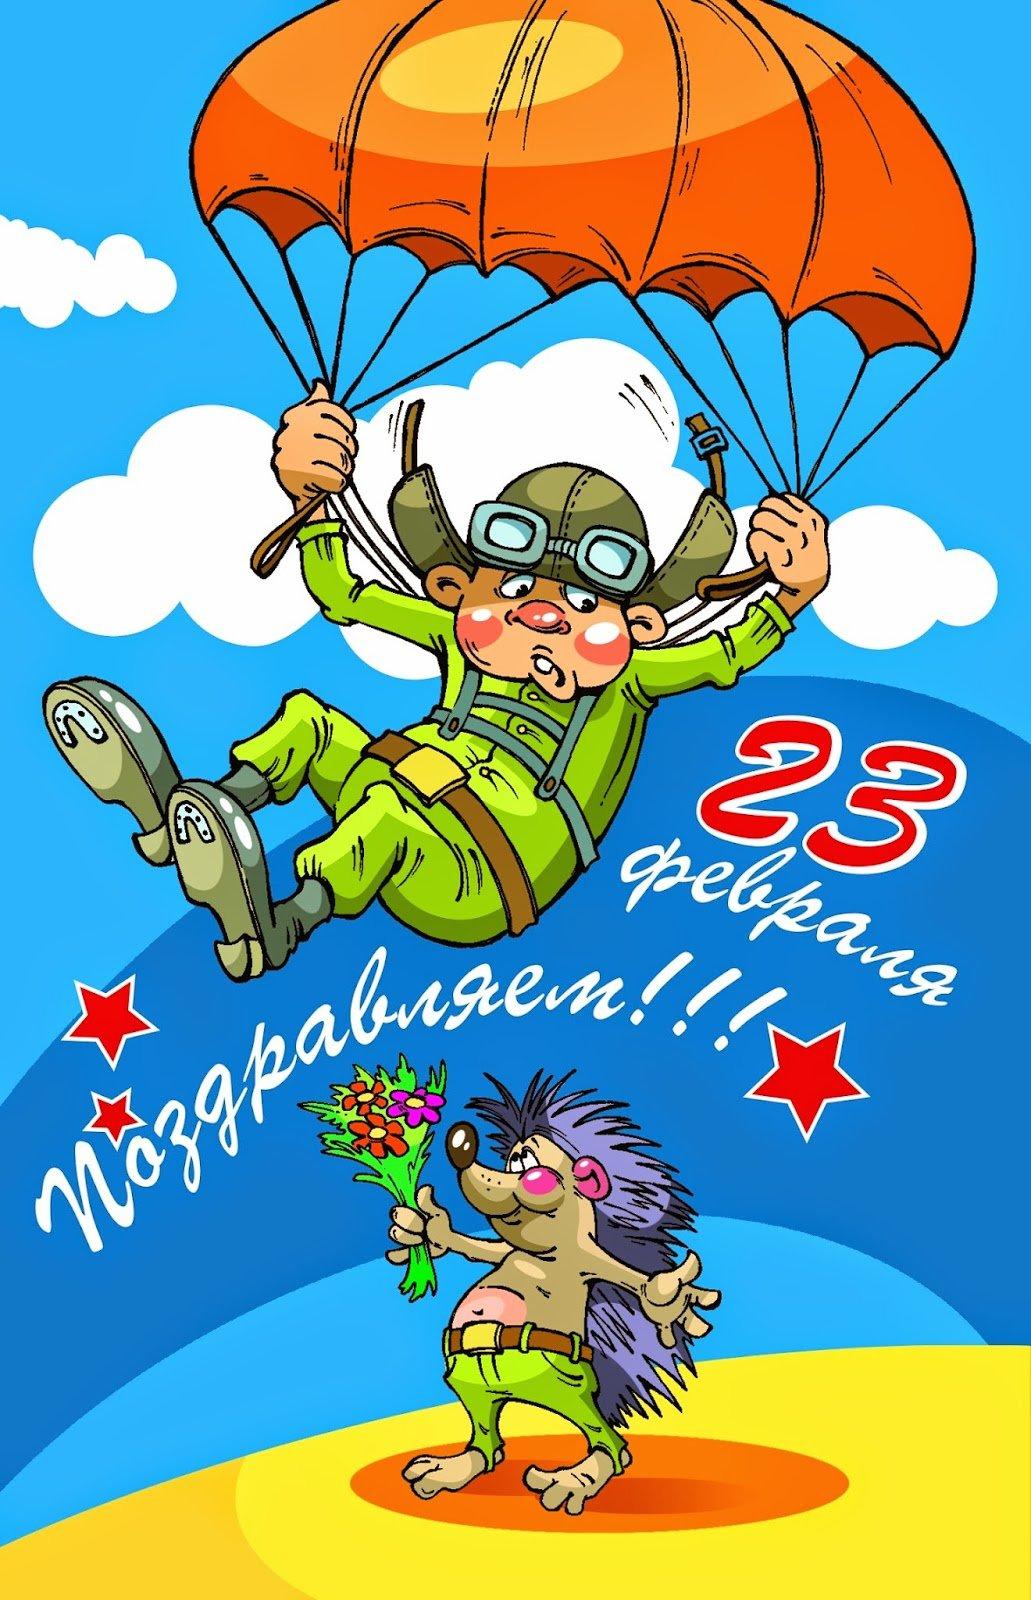 Открыток, день рождения 23 февраля открытки